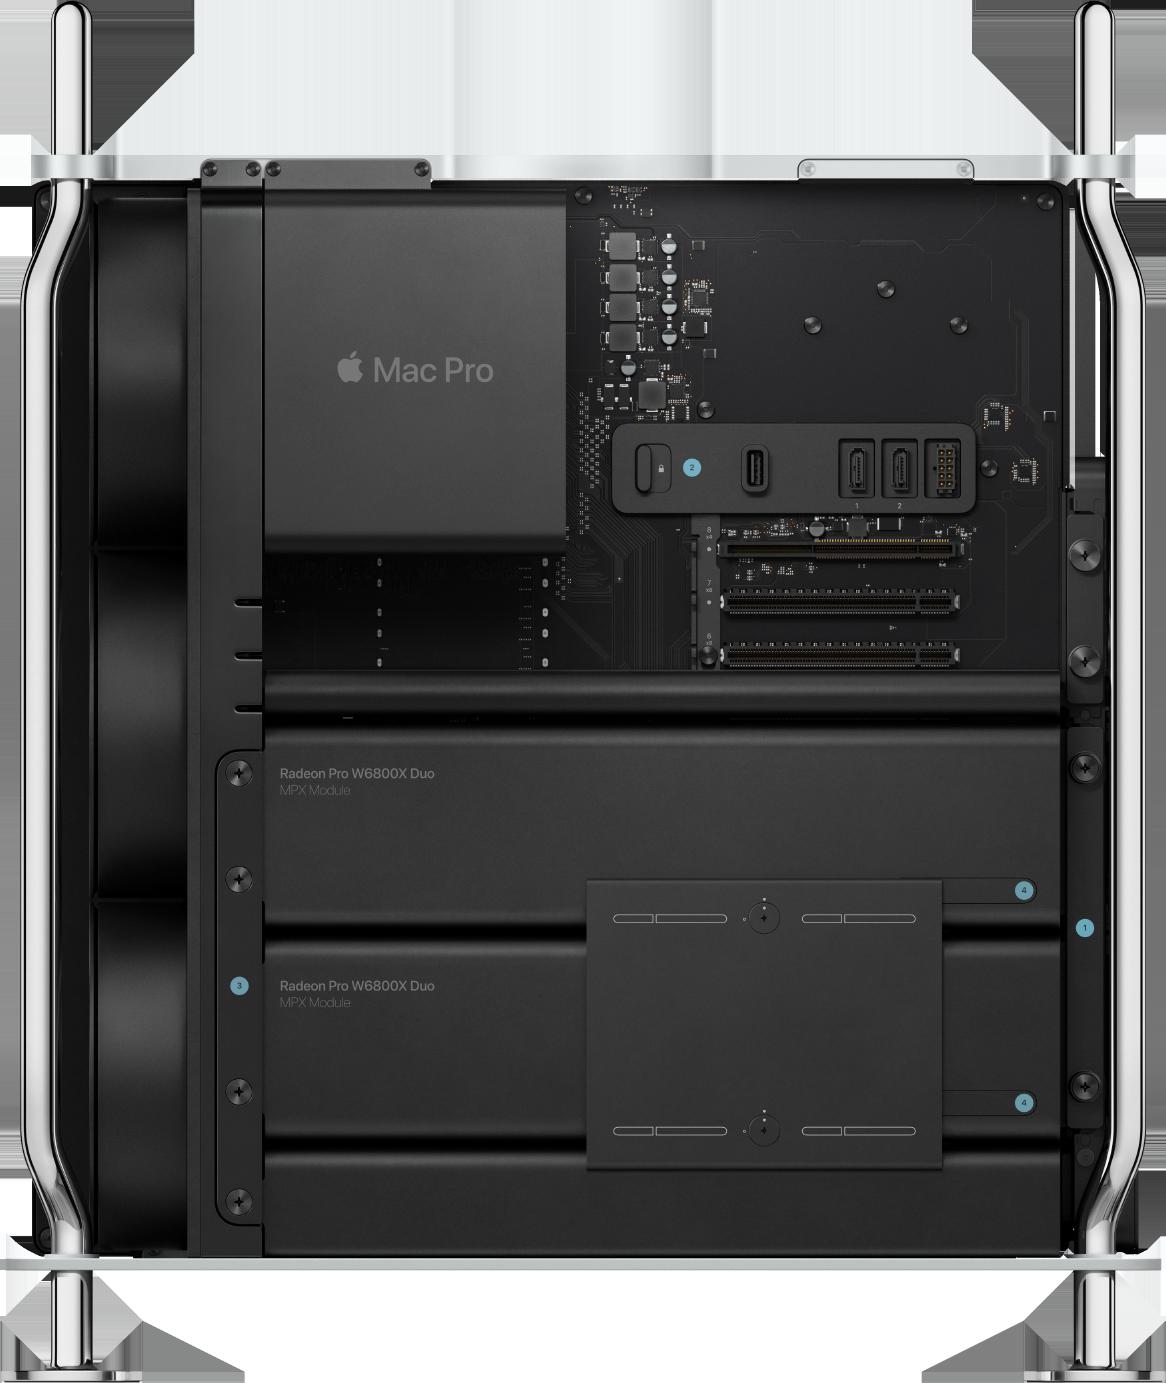 Le Mac Pro équipé de la Radeon Pro W800X Duo avec le format MPX